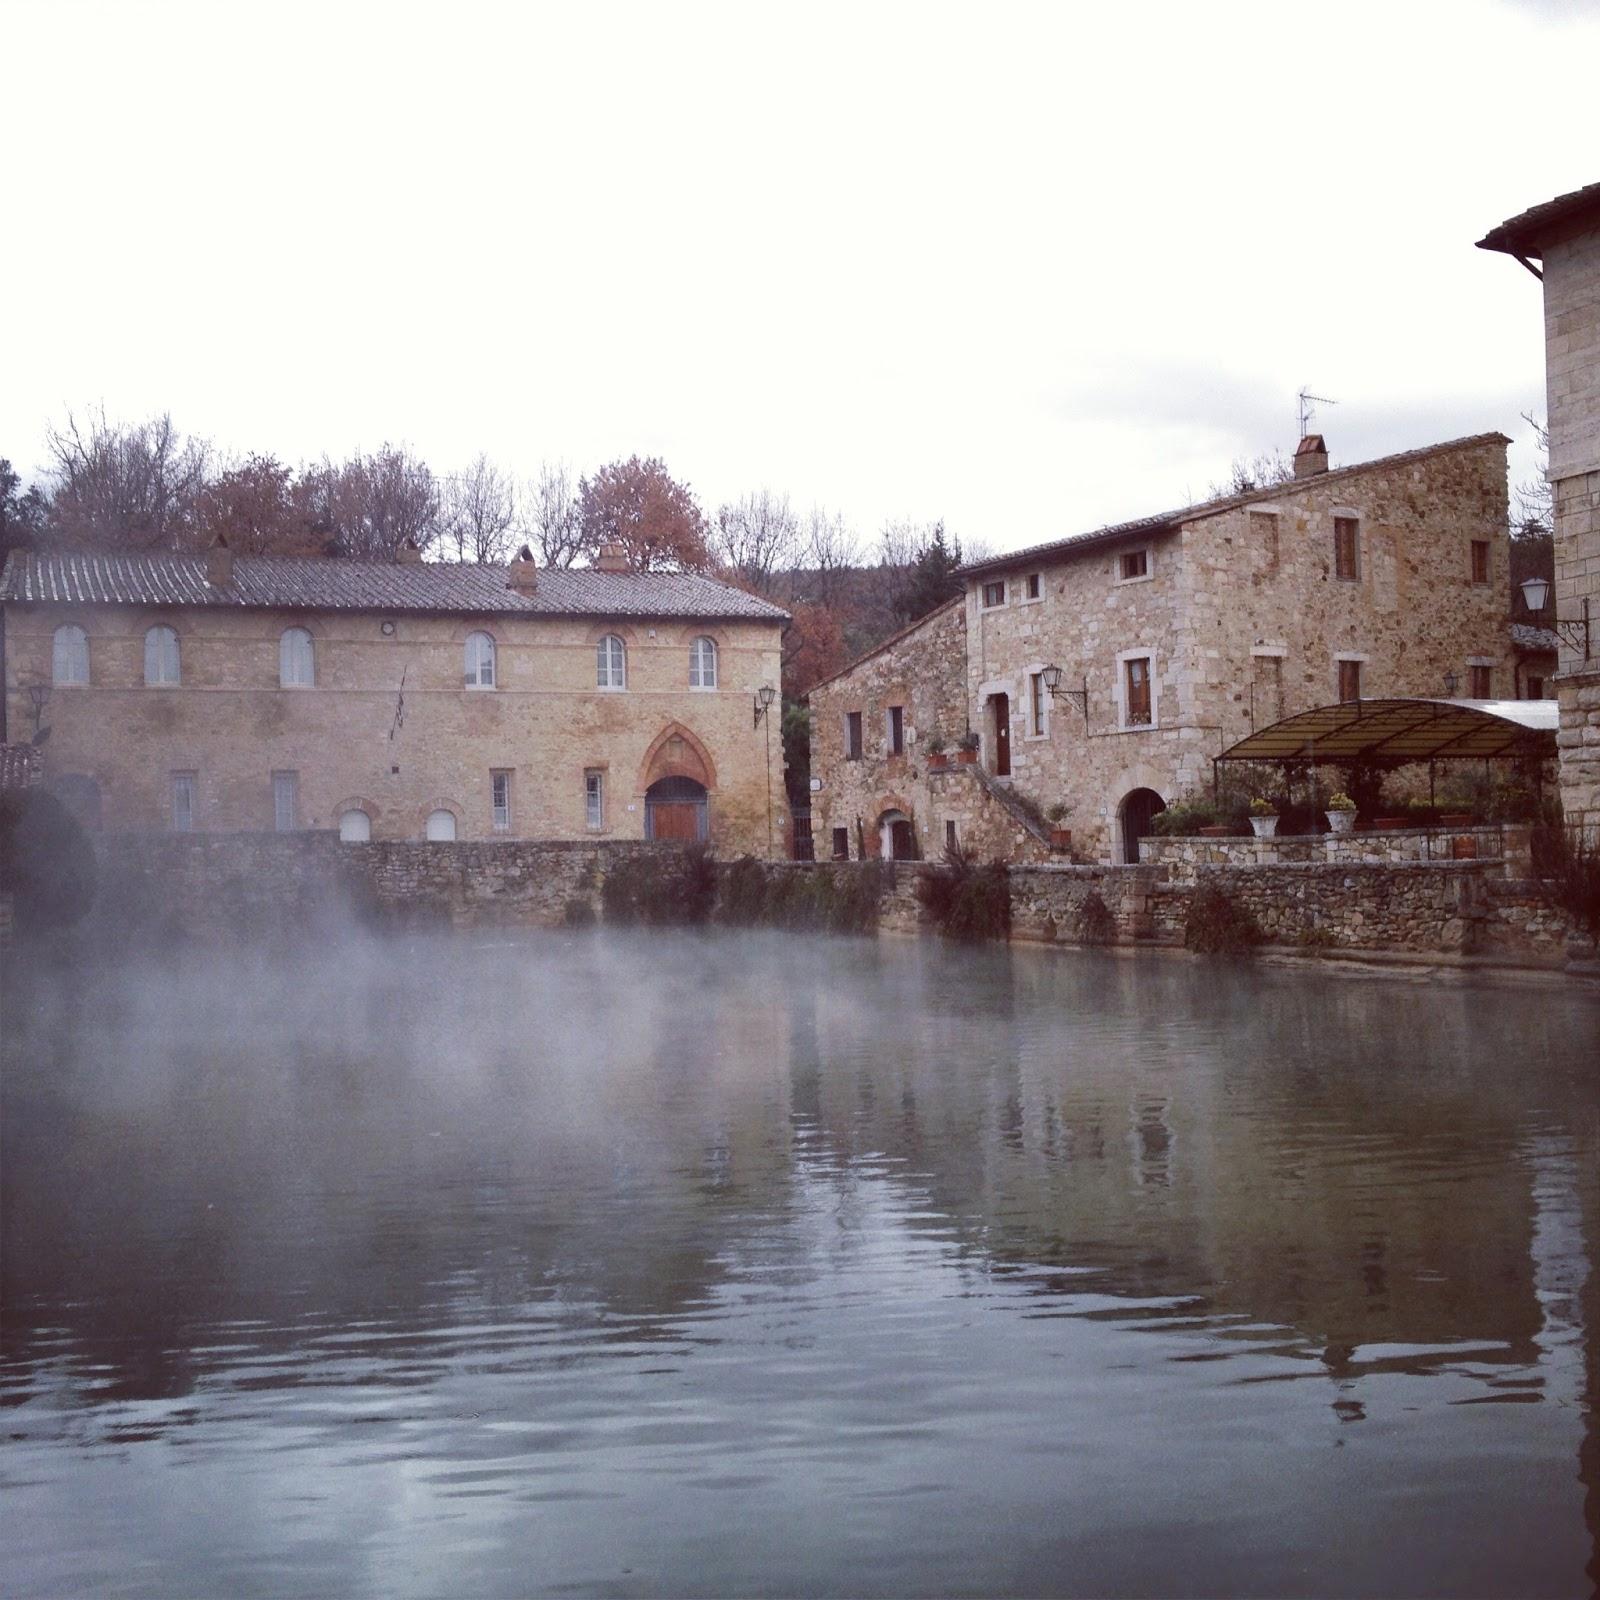 Bagno vignoni thermal baths in tuscany - Bagno vignoni terme ...